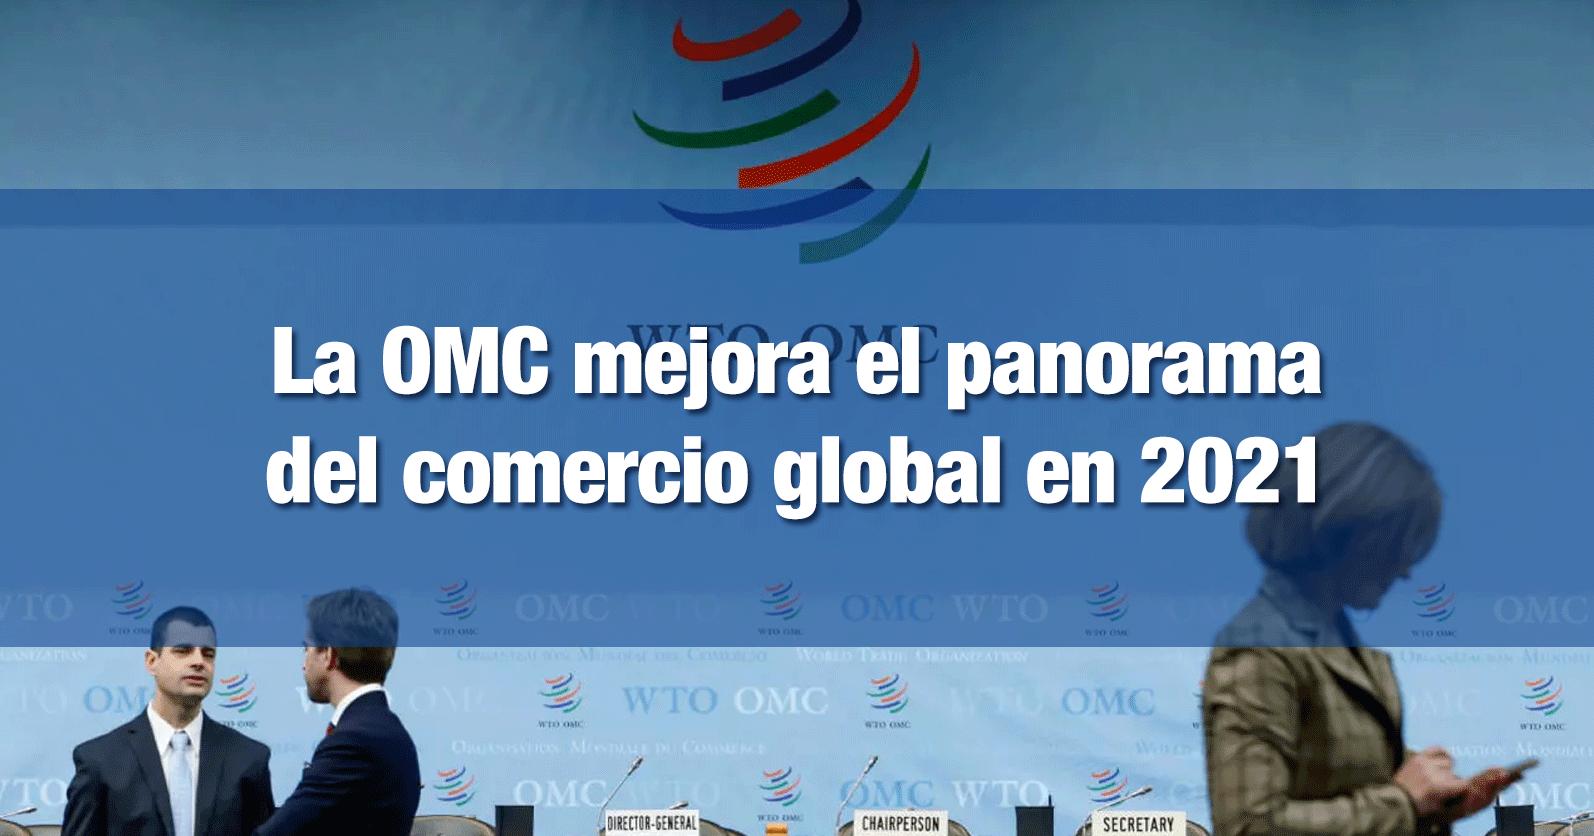 La OMC mejora el panorama del comercio global en 2021